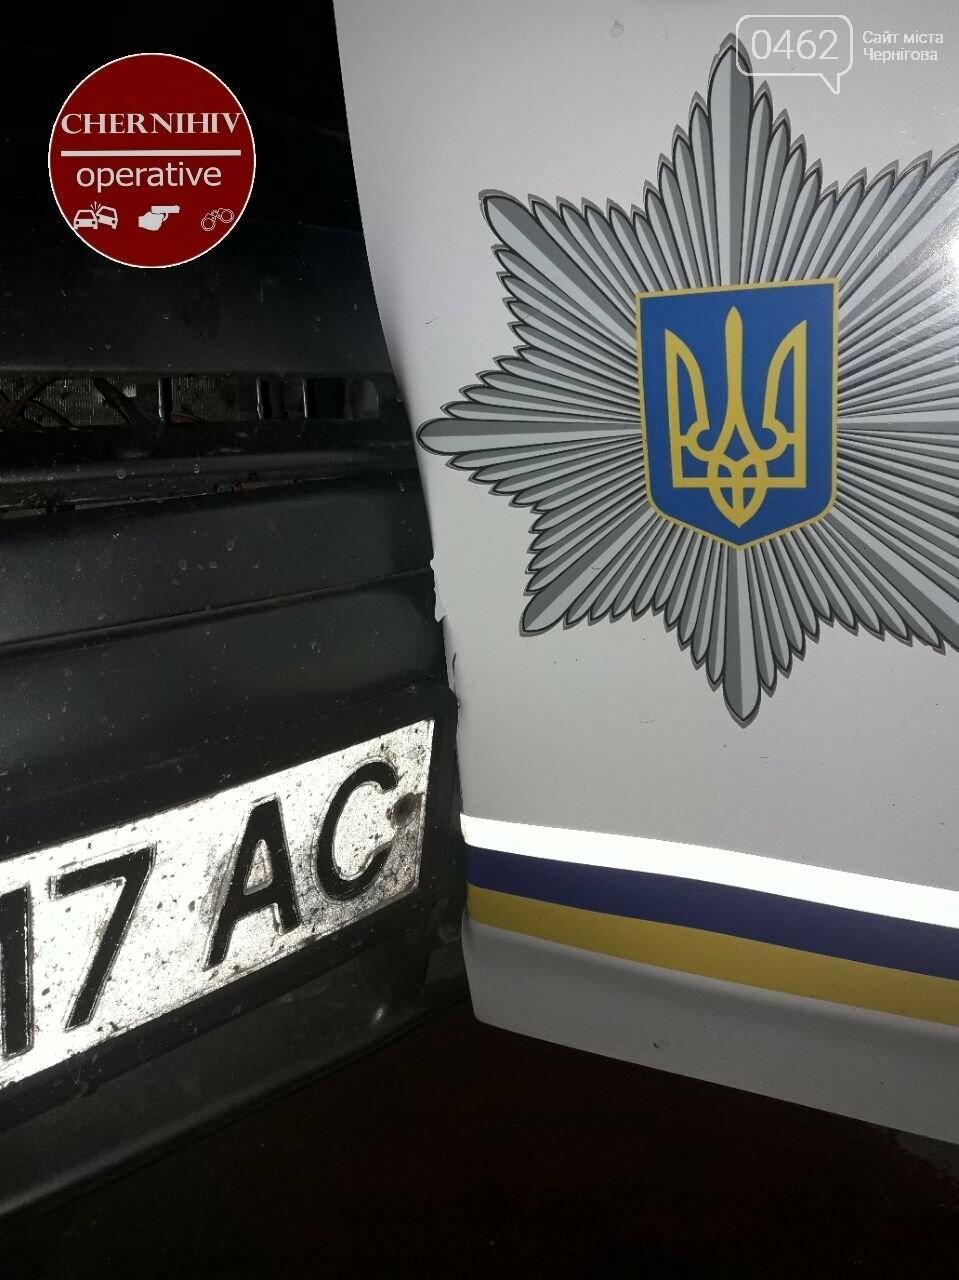 У Чернігові відбулось затримання із поліцейською погонею, фото-7